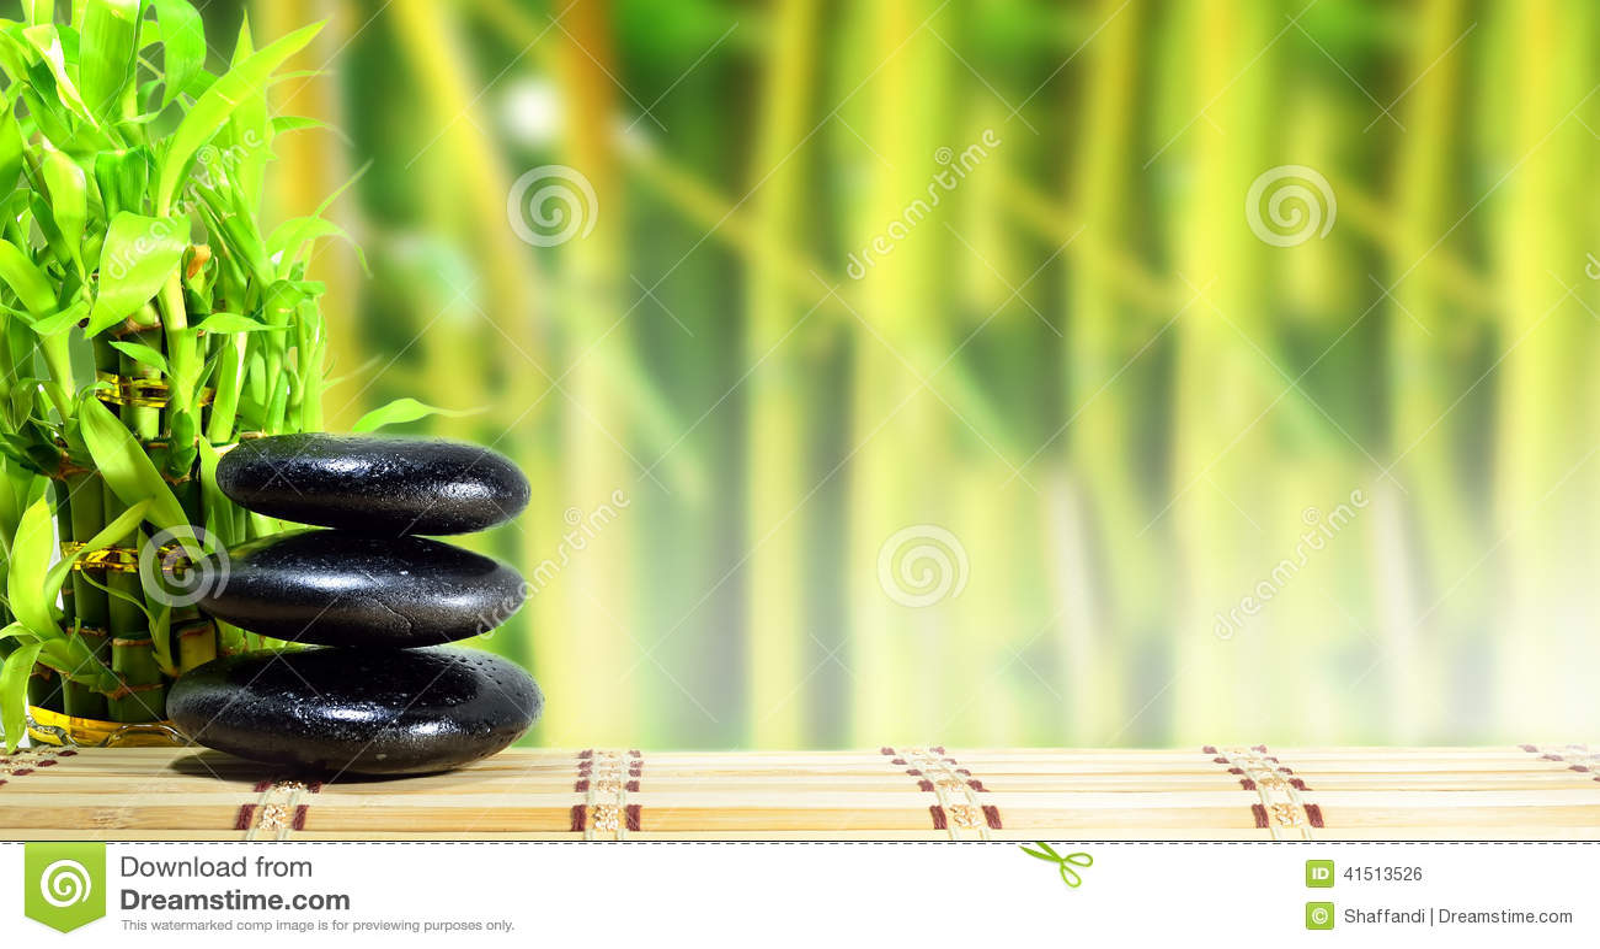 Spa concept zen